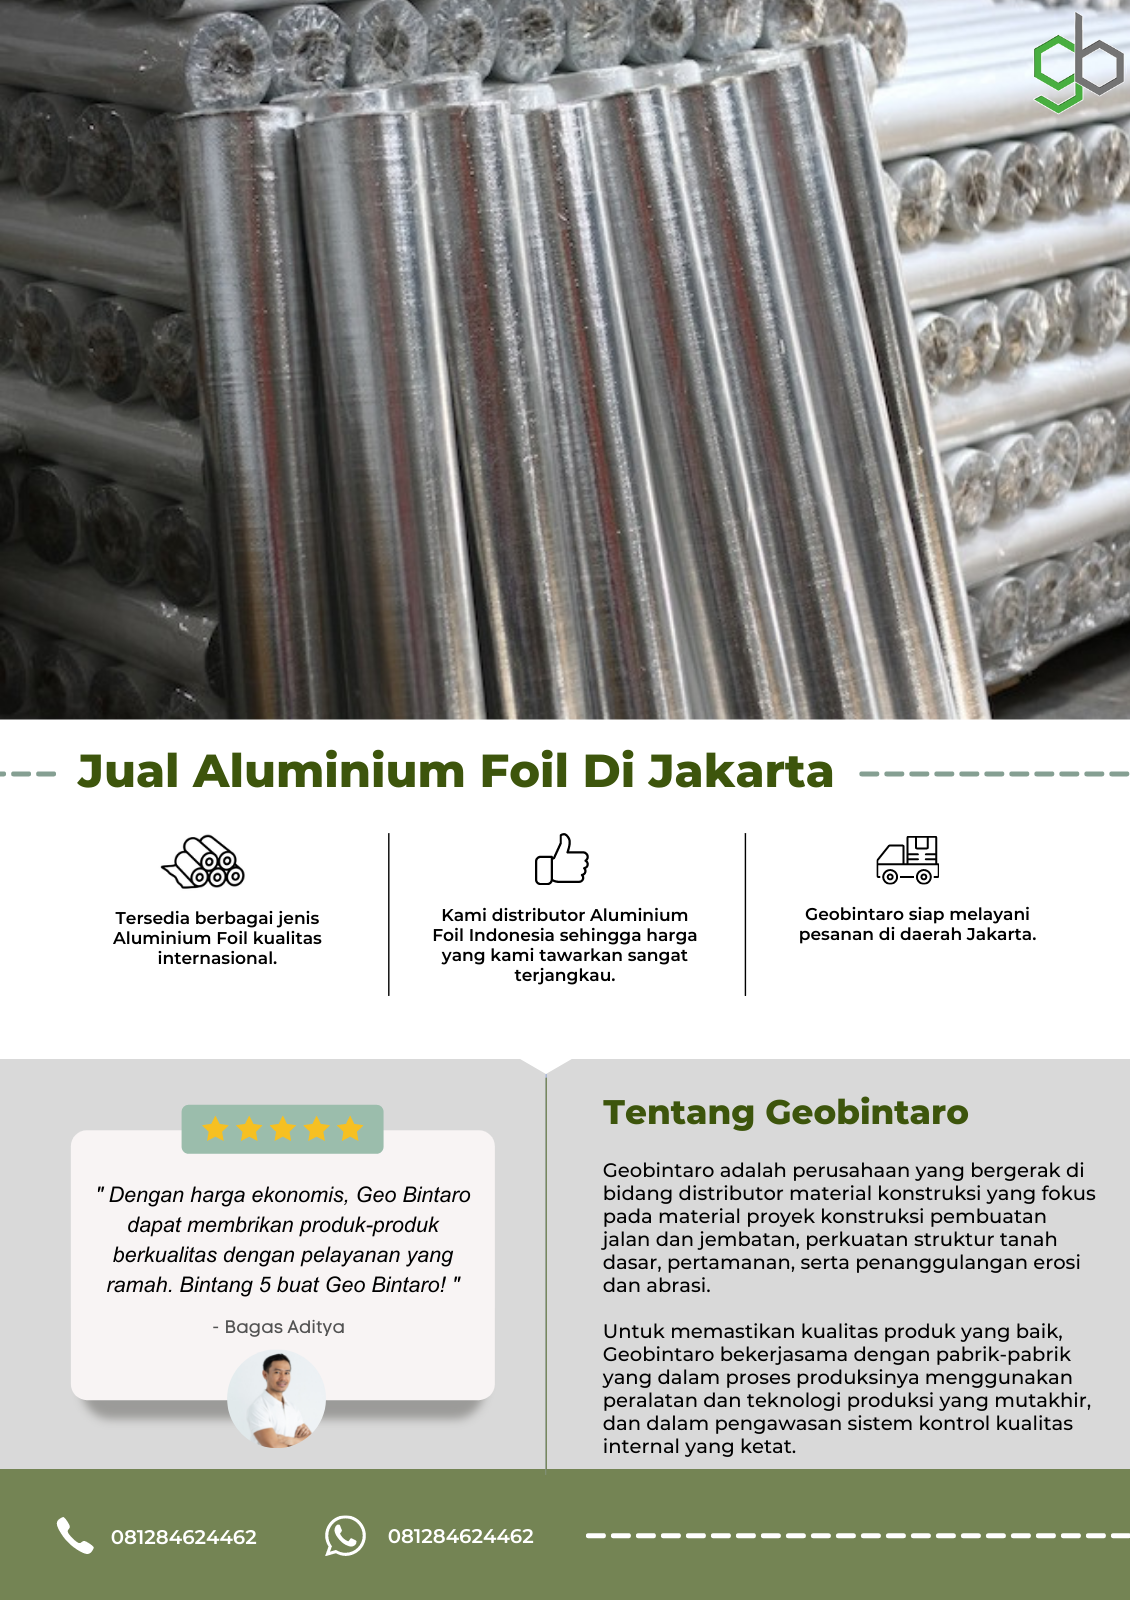 Jual Aluminium Foil Di Jakarta